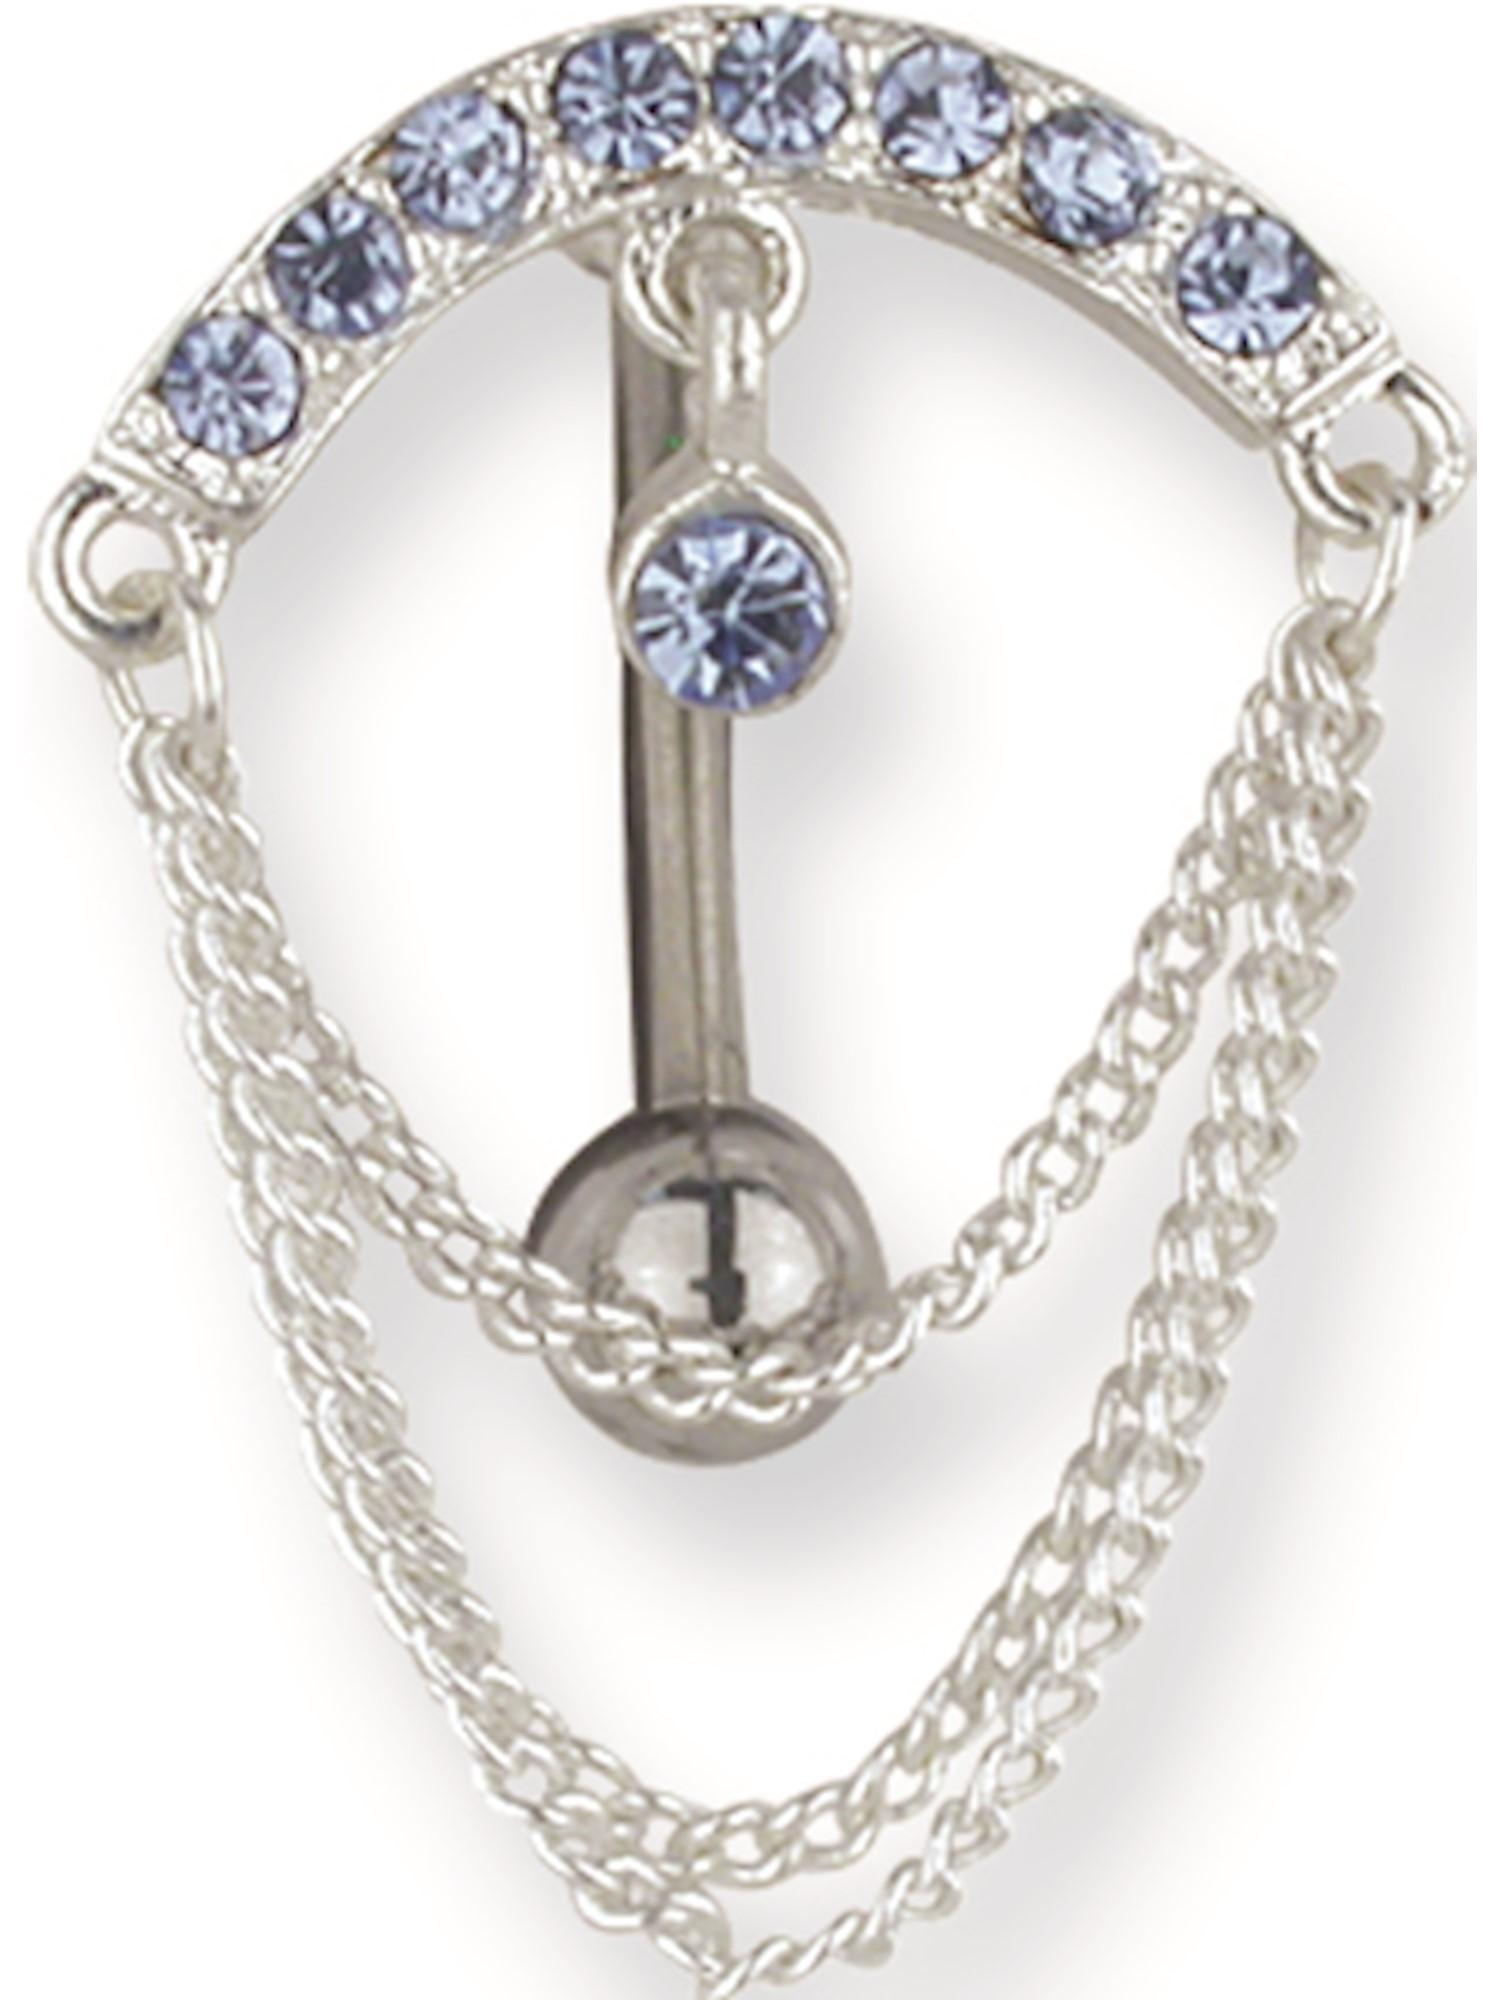 11mm Curv top dangle BB w 5mm 1.6mm Jewelry by Sweet Pea SGSS Curv BB w Chain Drop Dangles 14G